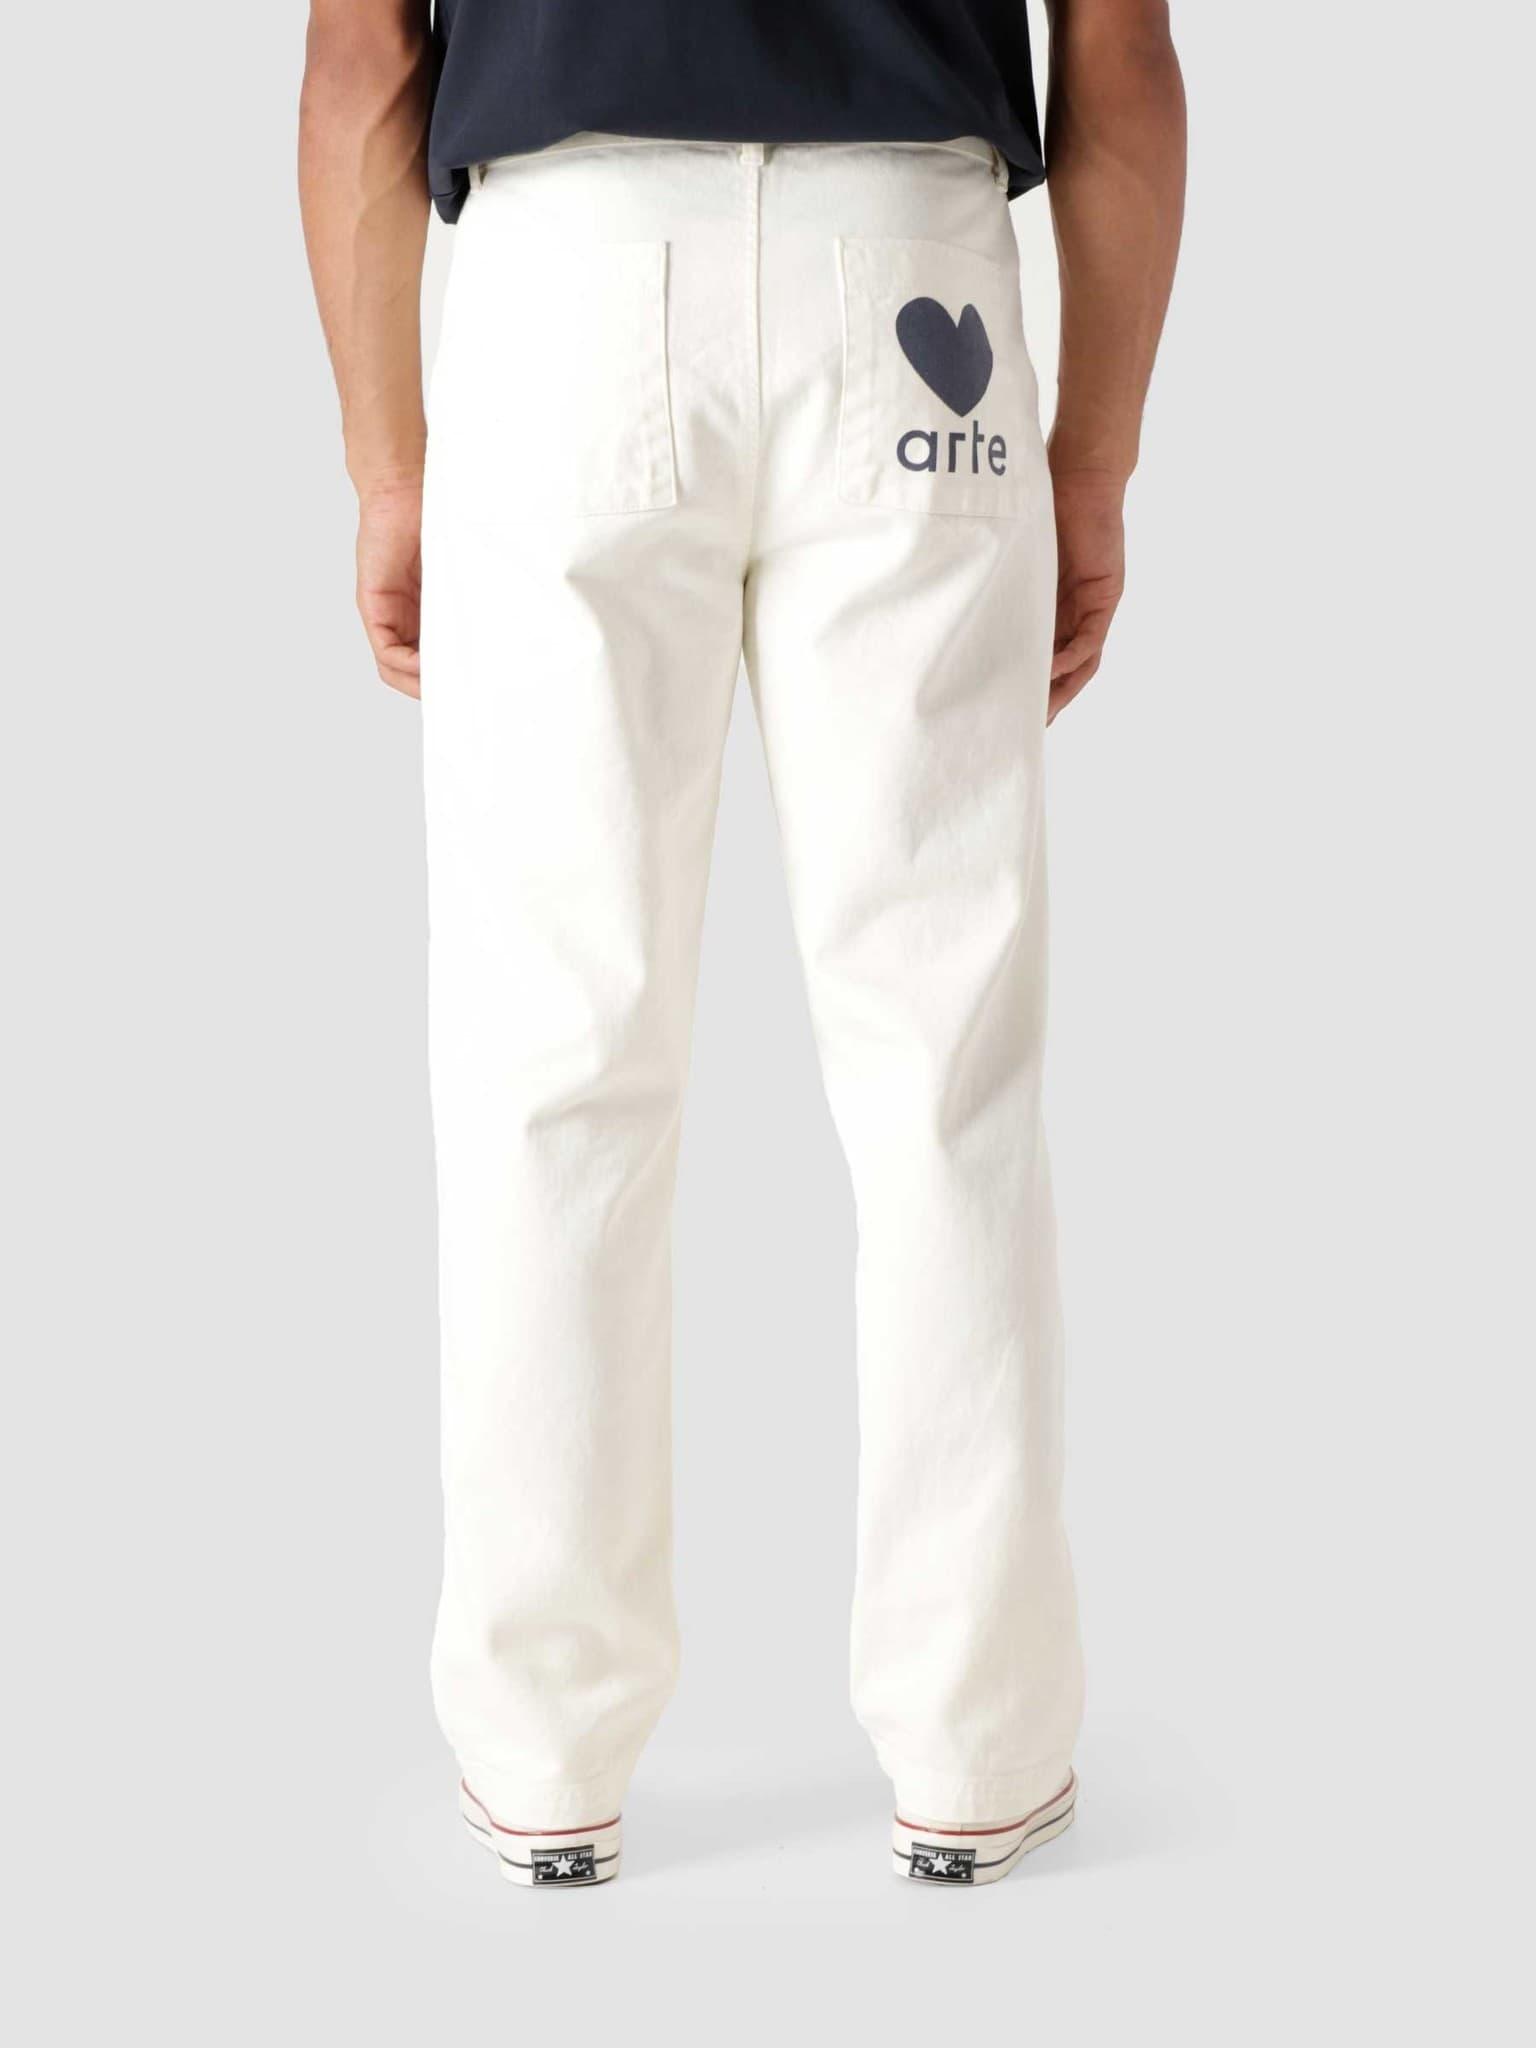 Polke Heart Pants Creme AW21-001P